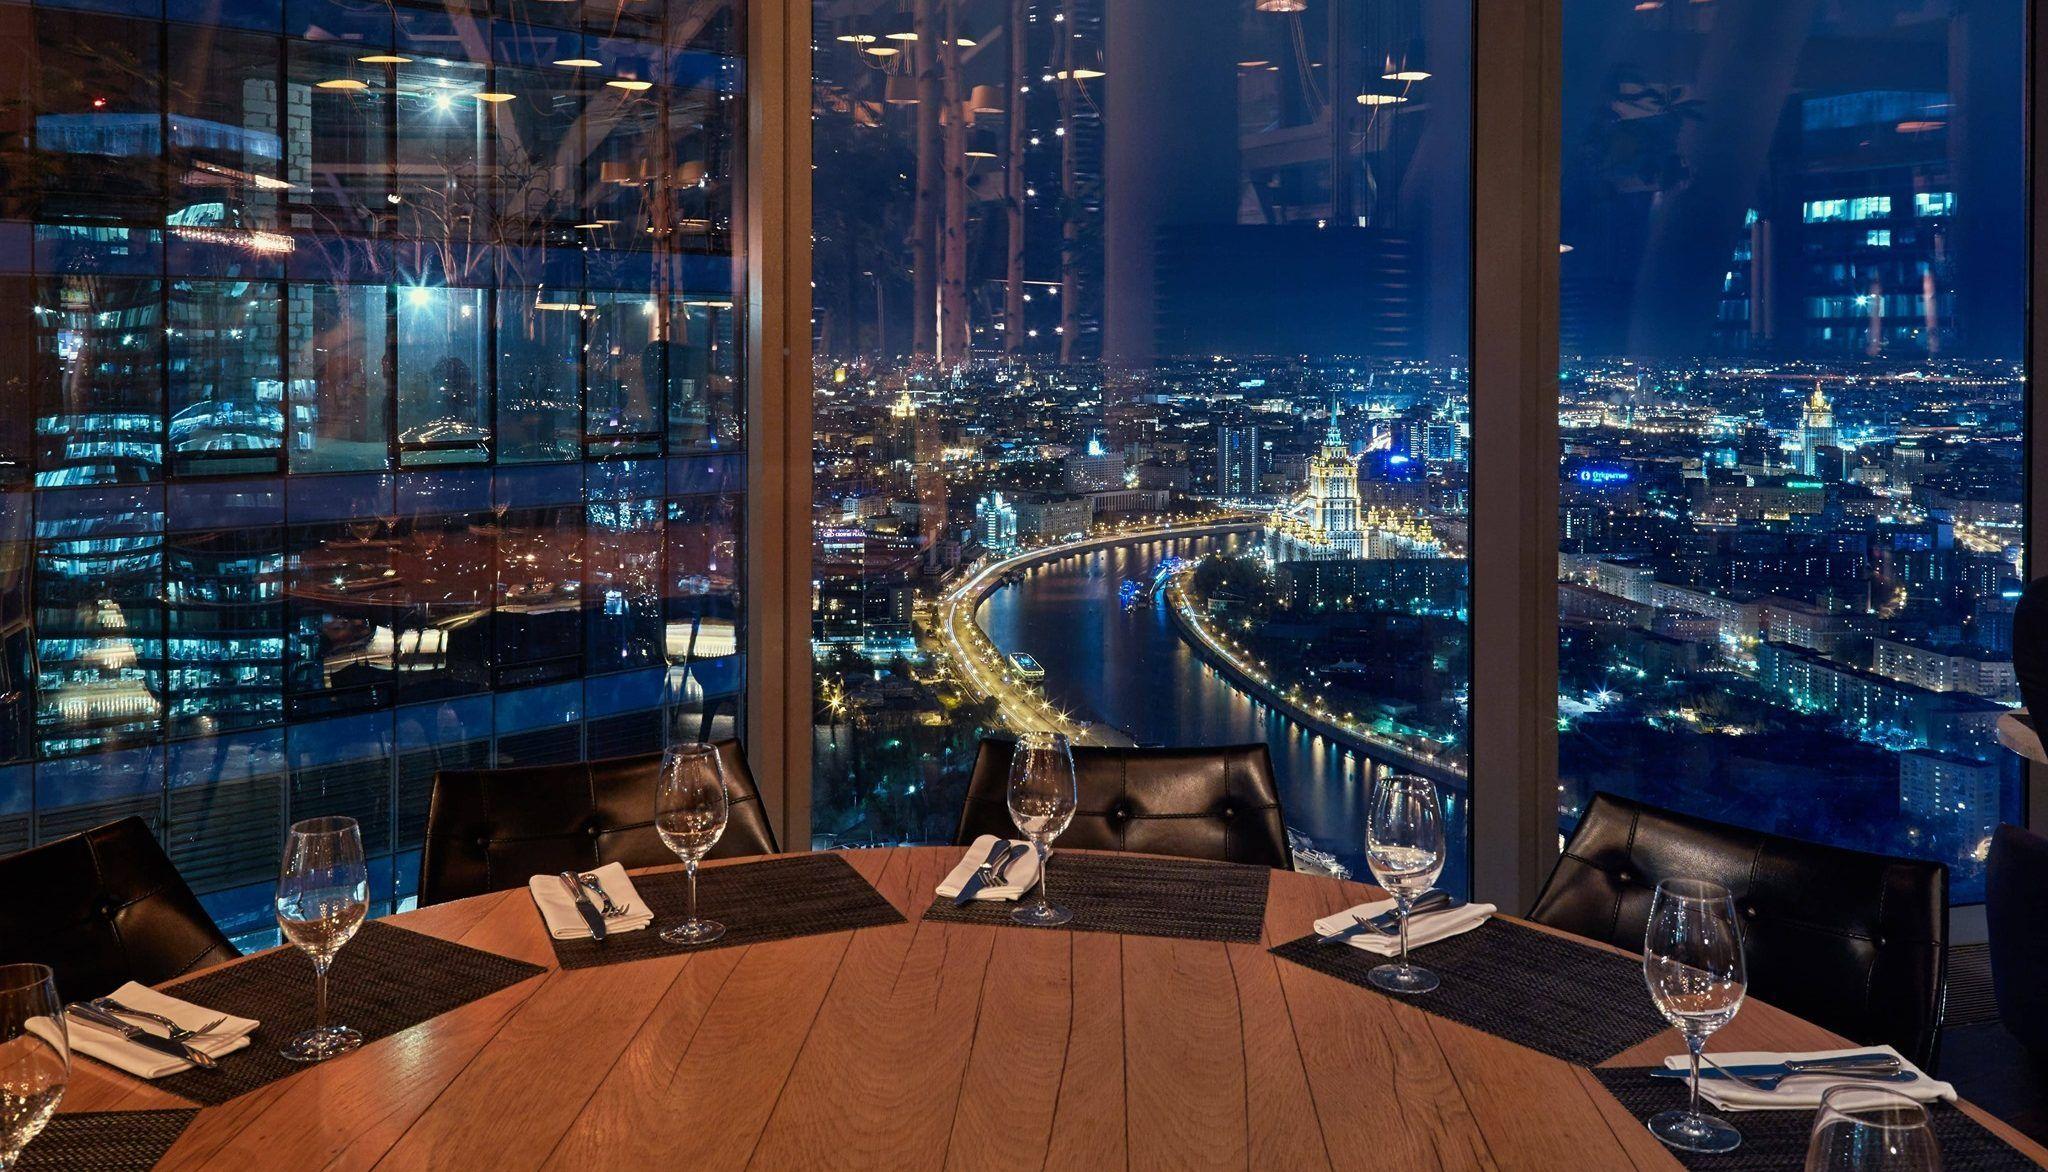 Rooftop bar en Moscú, Disfruta de los mejores rooftop bars en Moscú